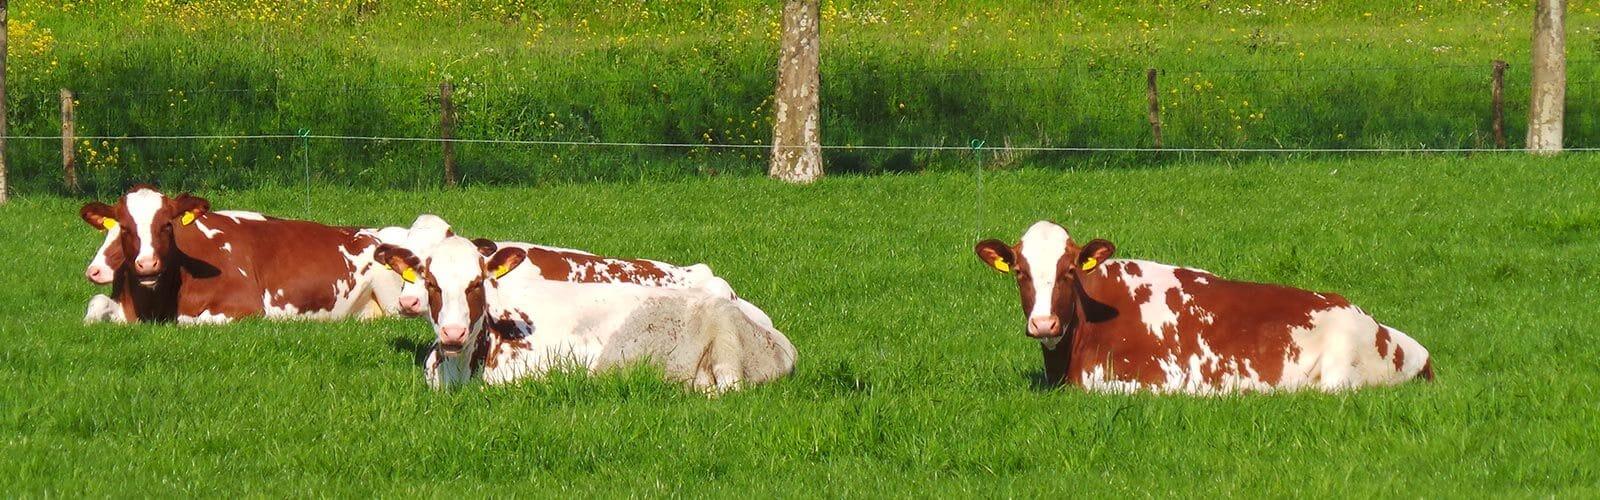 Koeien in de weide - De Maasgaarde